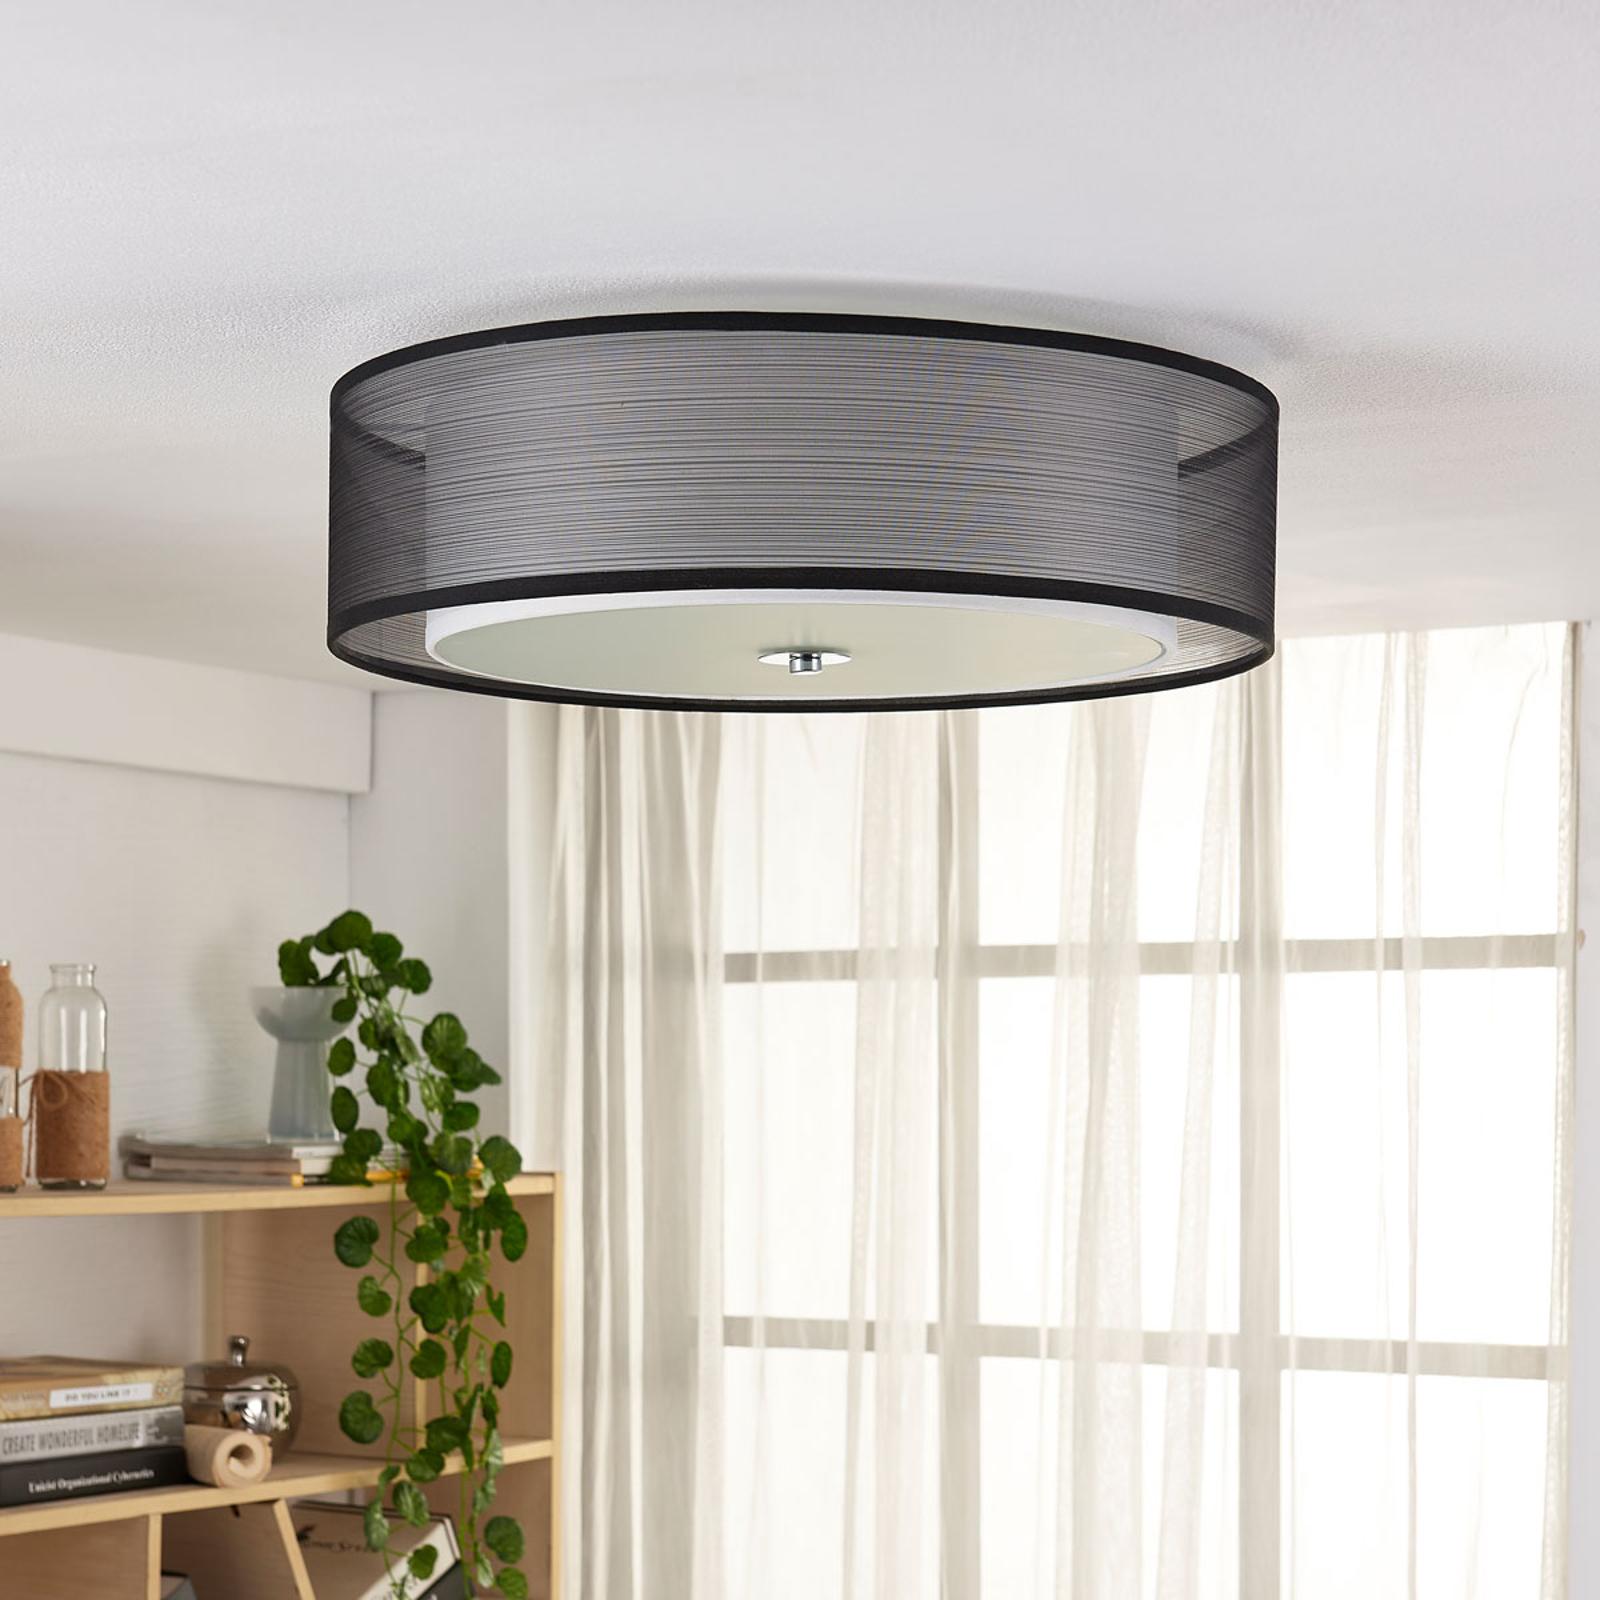 Easydim plafondlamp Tobia met organza kap, LED